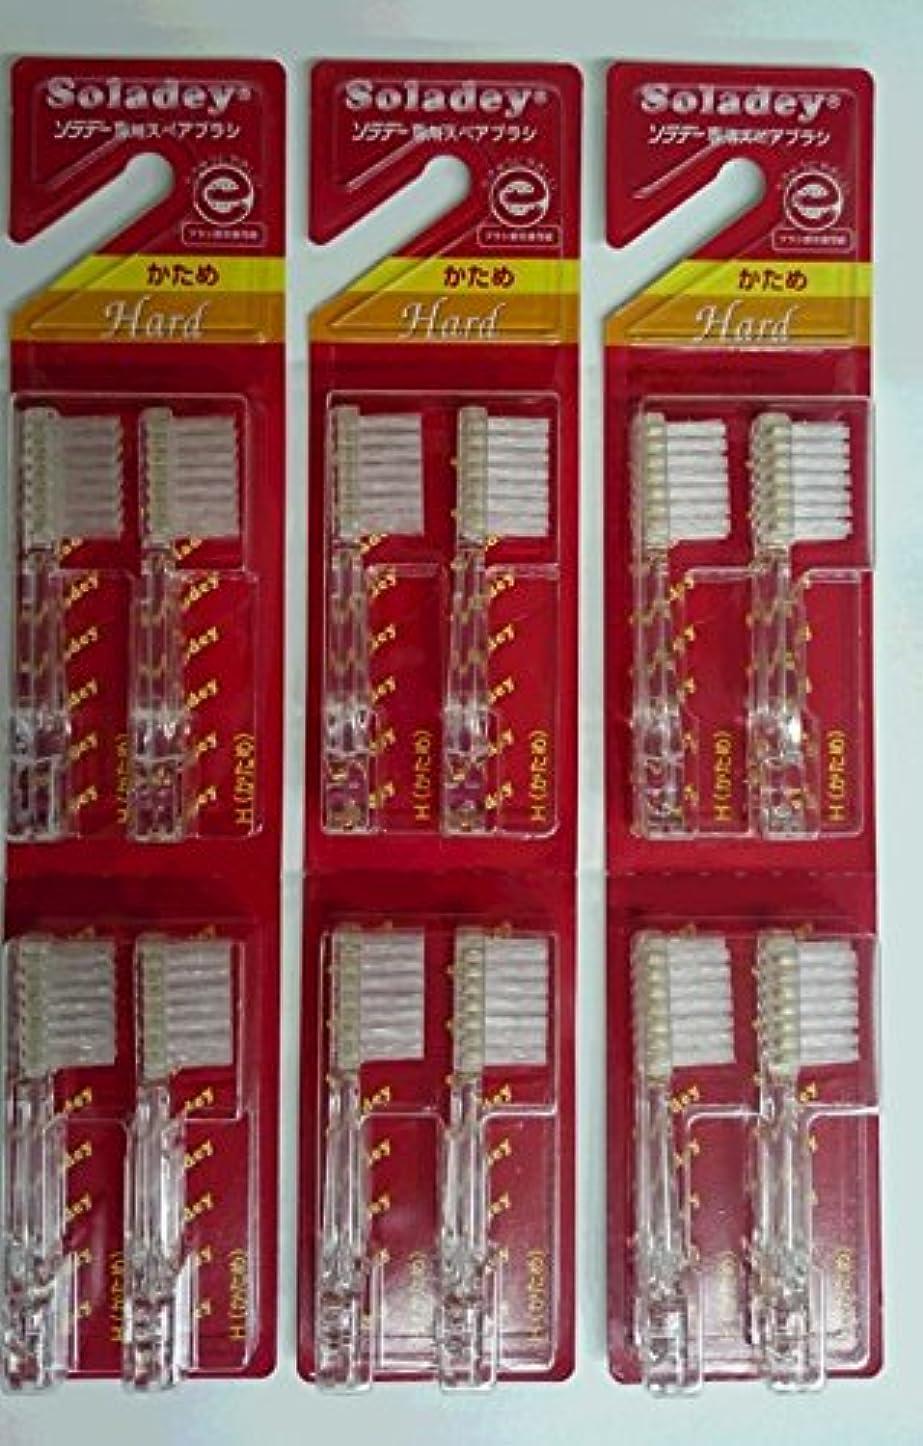 苦痛石服を片付けるソラデー3 スペアブラシ かため 4本入り×3セット(計12本)